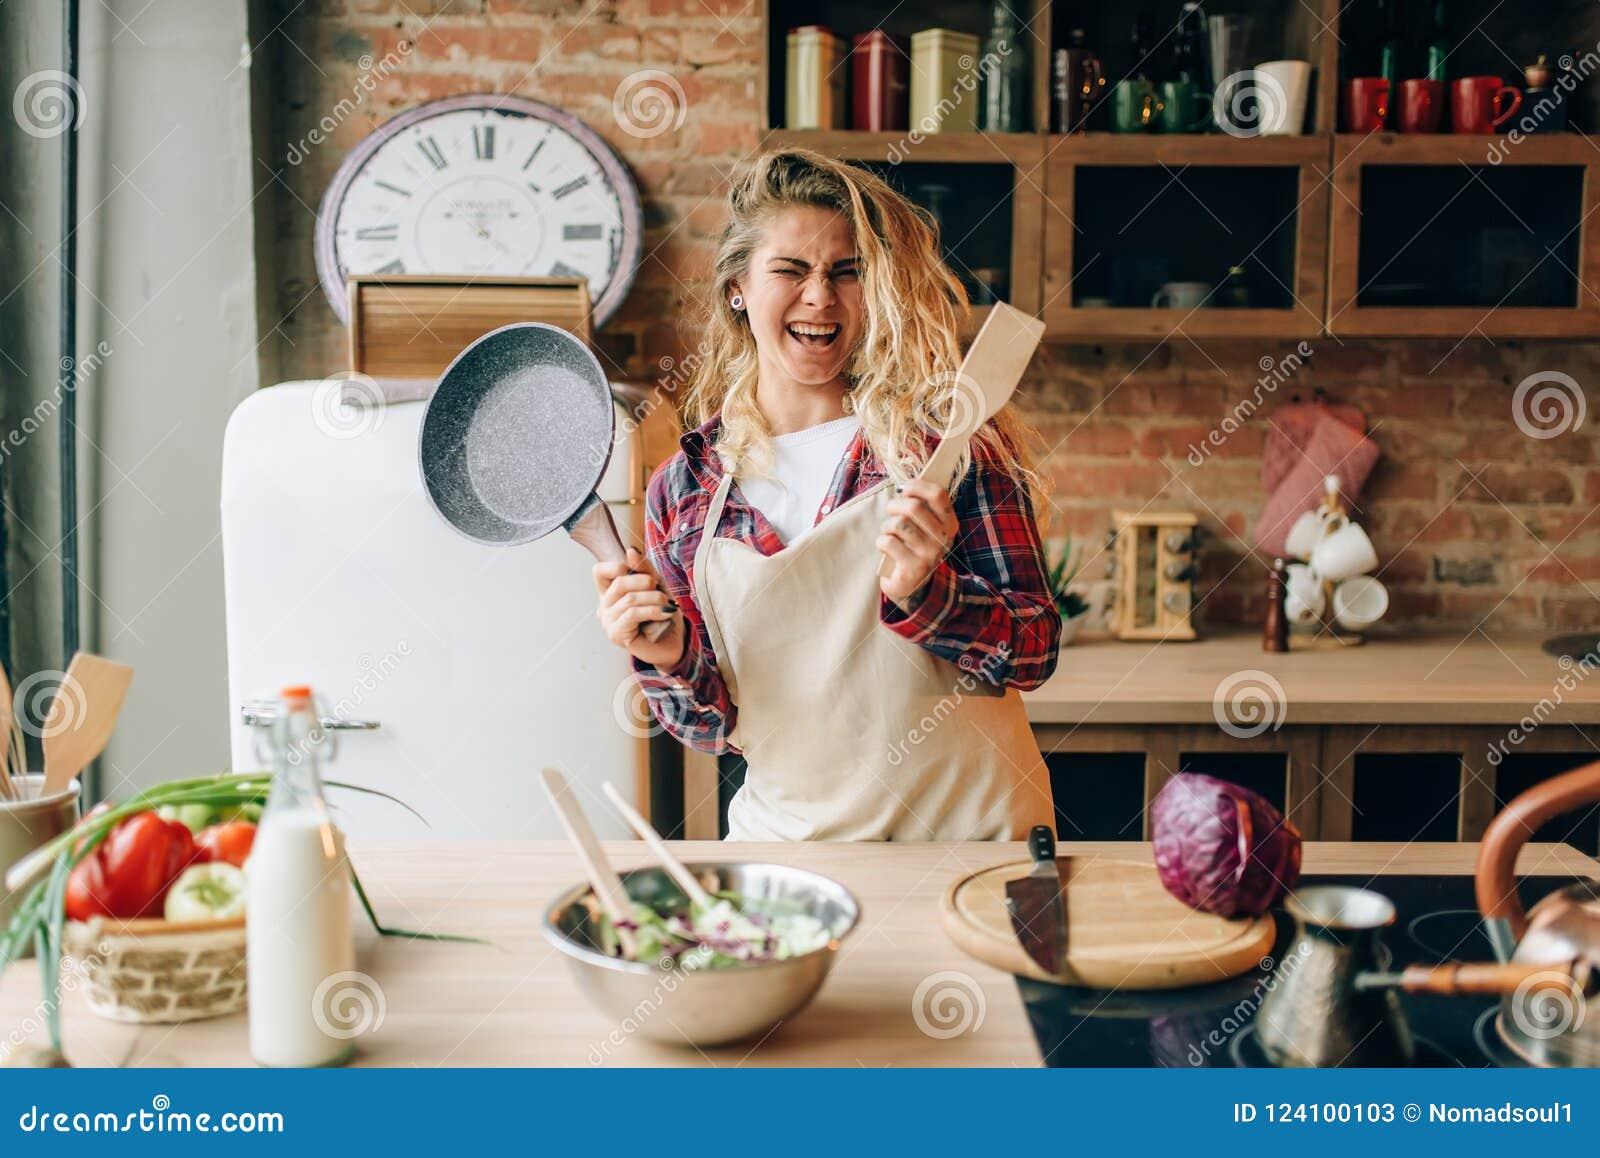 Femme au foyer tenant la poêle et la spatule en bois